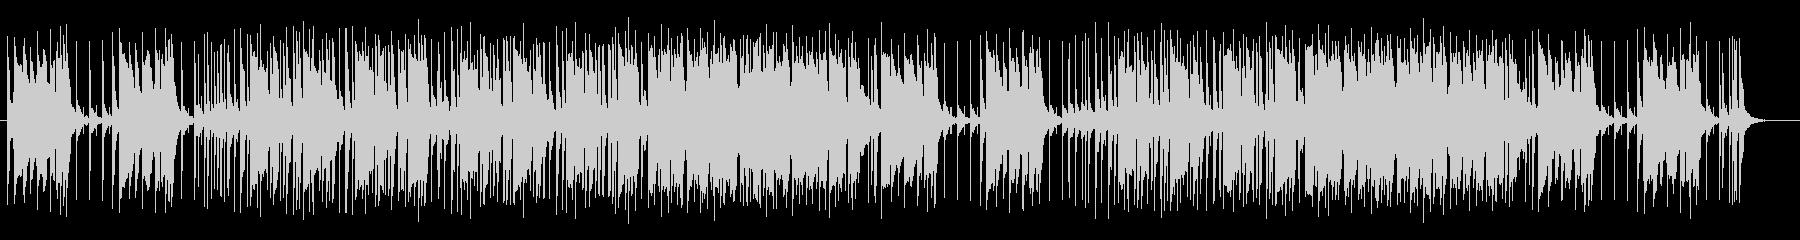 電子ピアノとドラムのパワフルなロックの未再生の波形